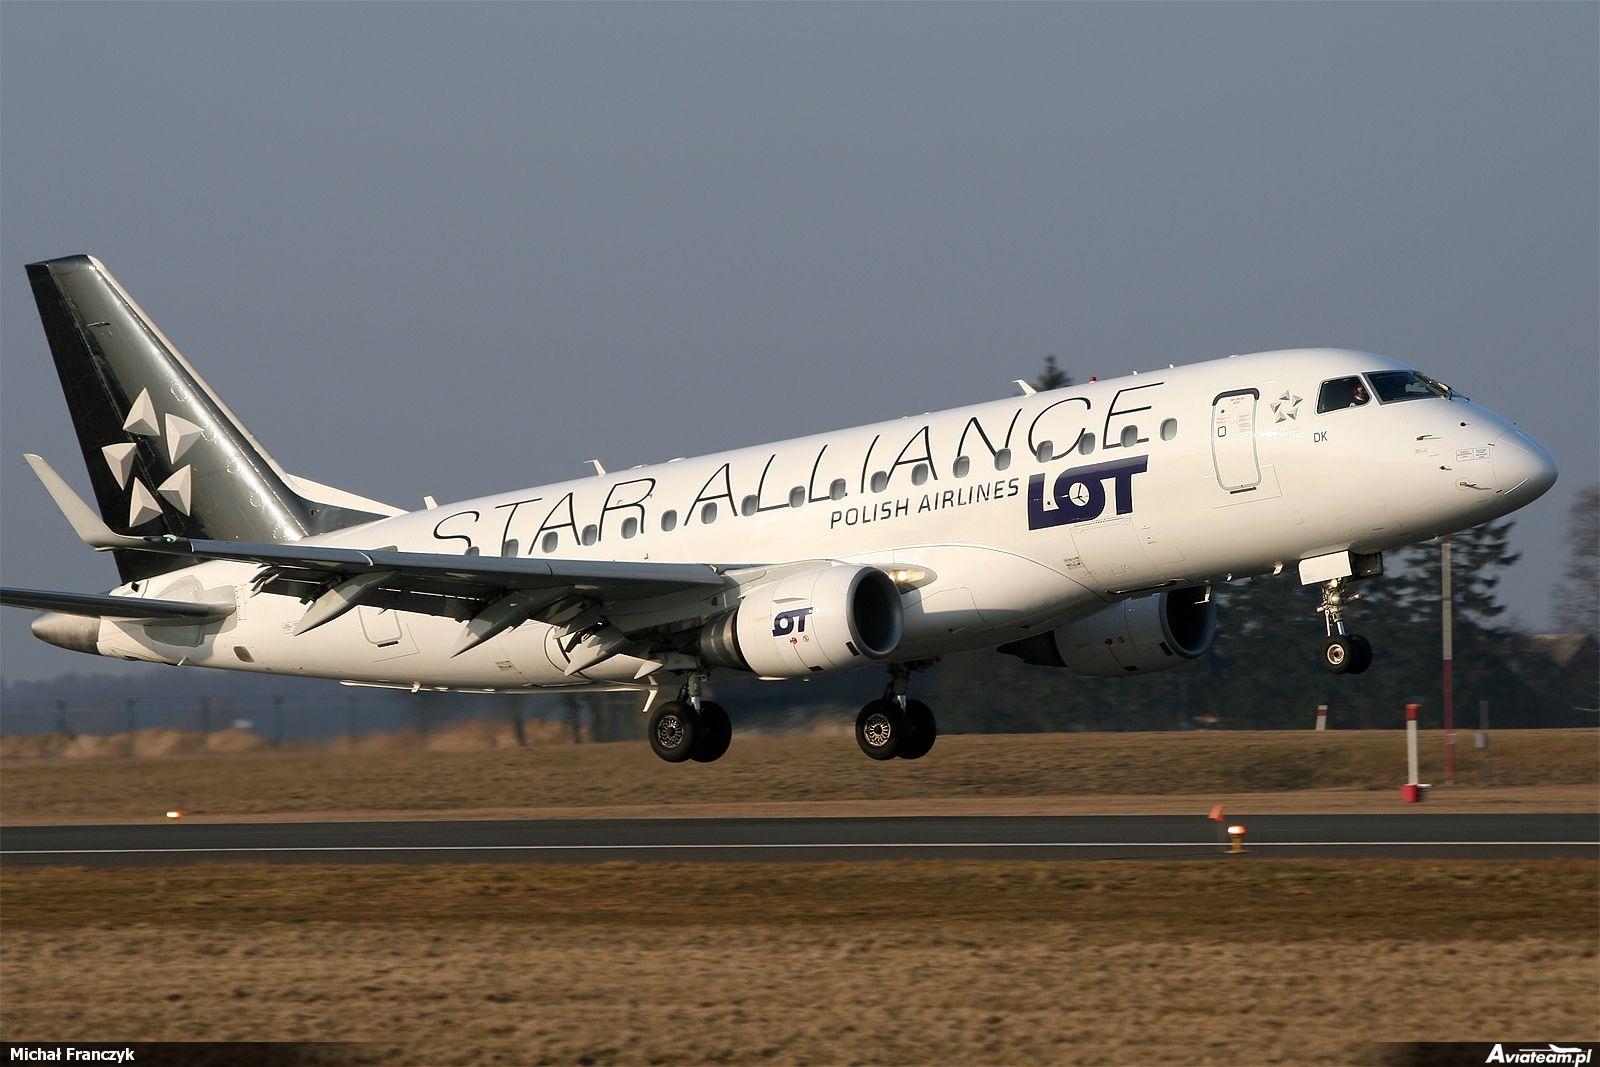 Embraer 170-100ST, lokalizacja: Gdańsk - Port lotniczy im. Lecha Wałęsy (EPGD), autor: Michał Franczyk